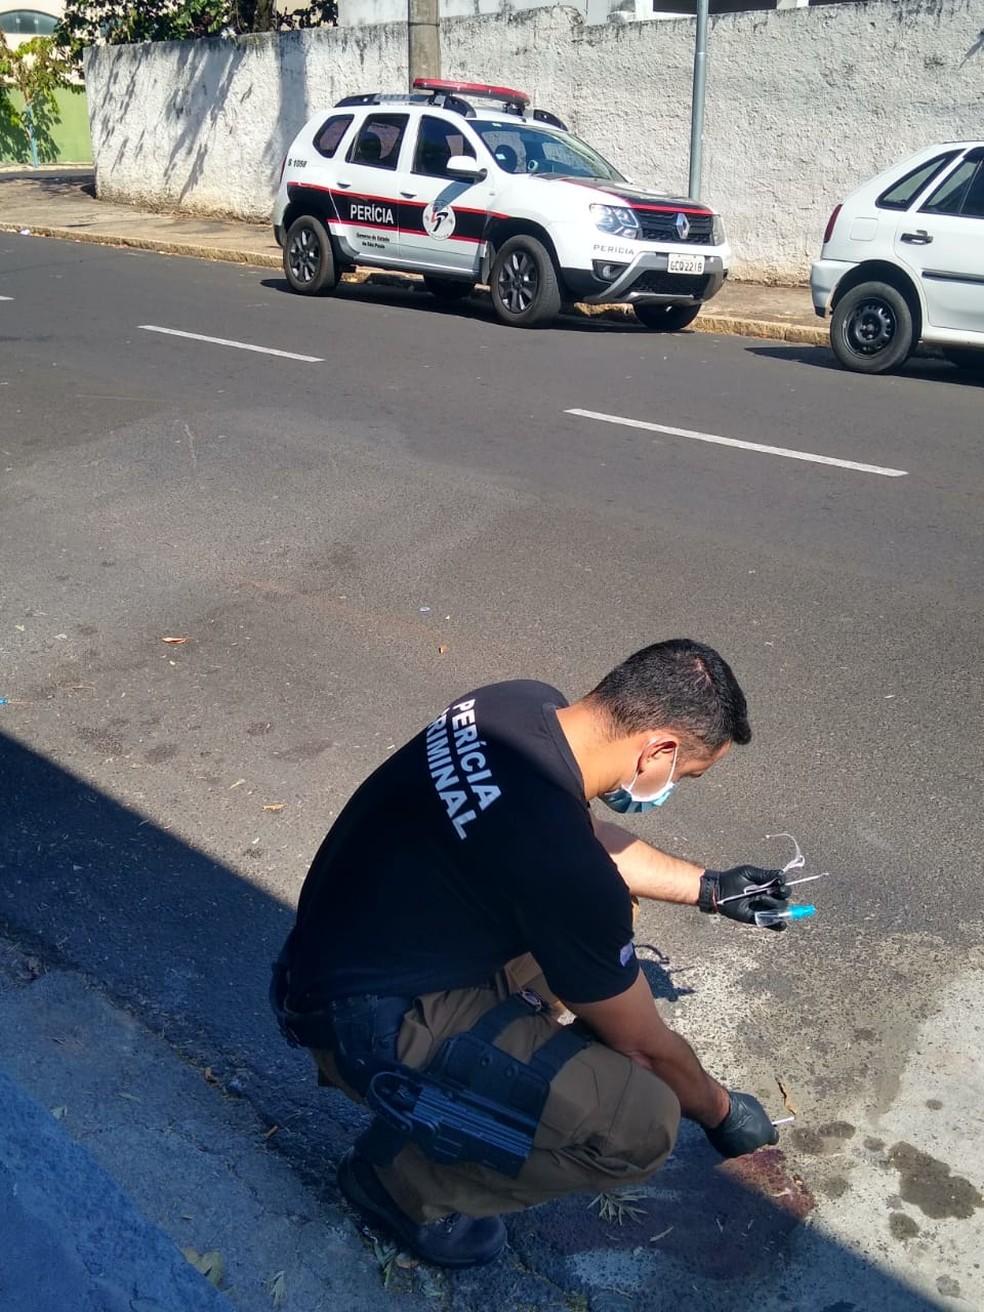 Perícia esteve no local da agressão ao jovem de 24 anos em Garça (SP). Crime é investigado. — Foto: Polícia Civil/ Divulgação